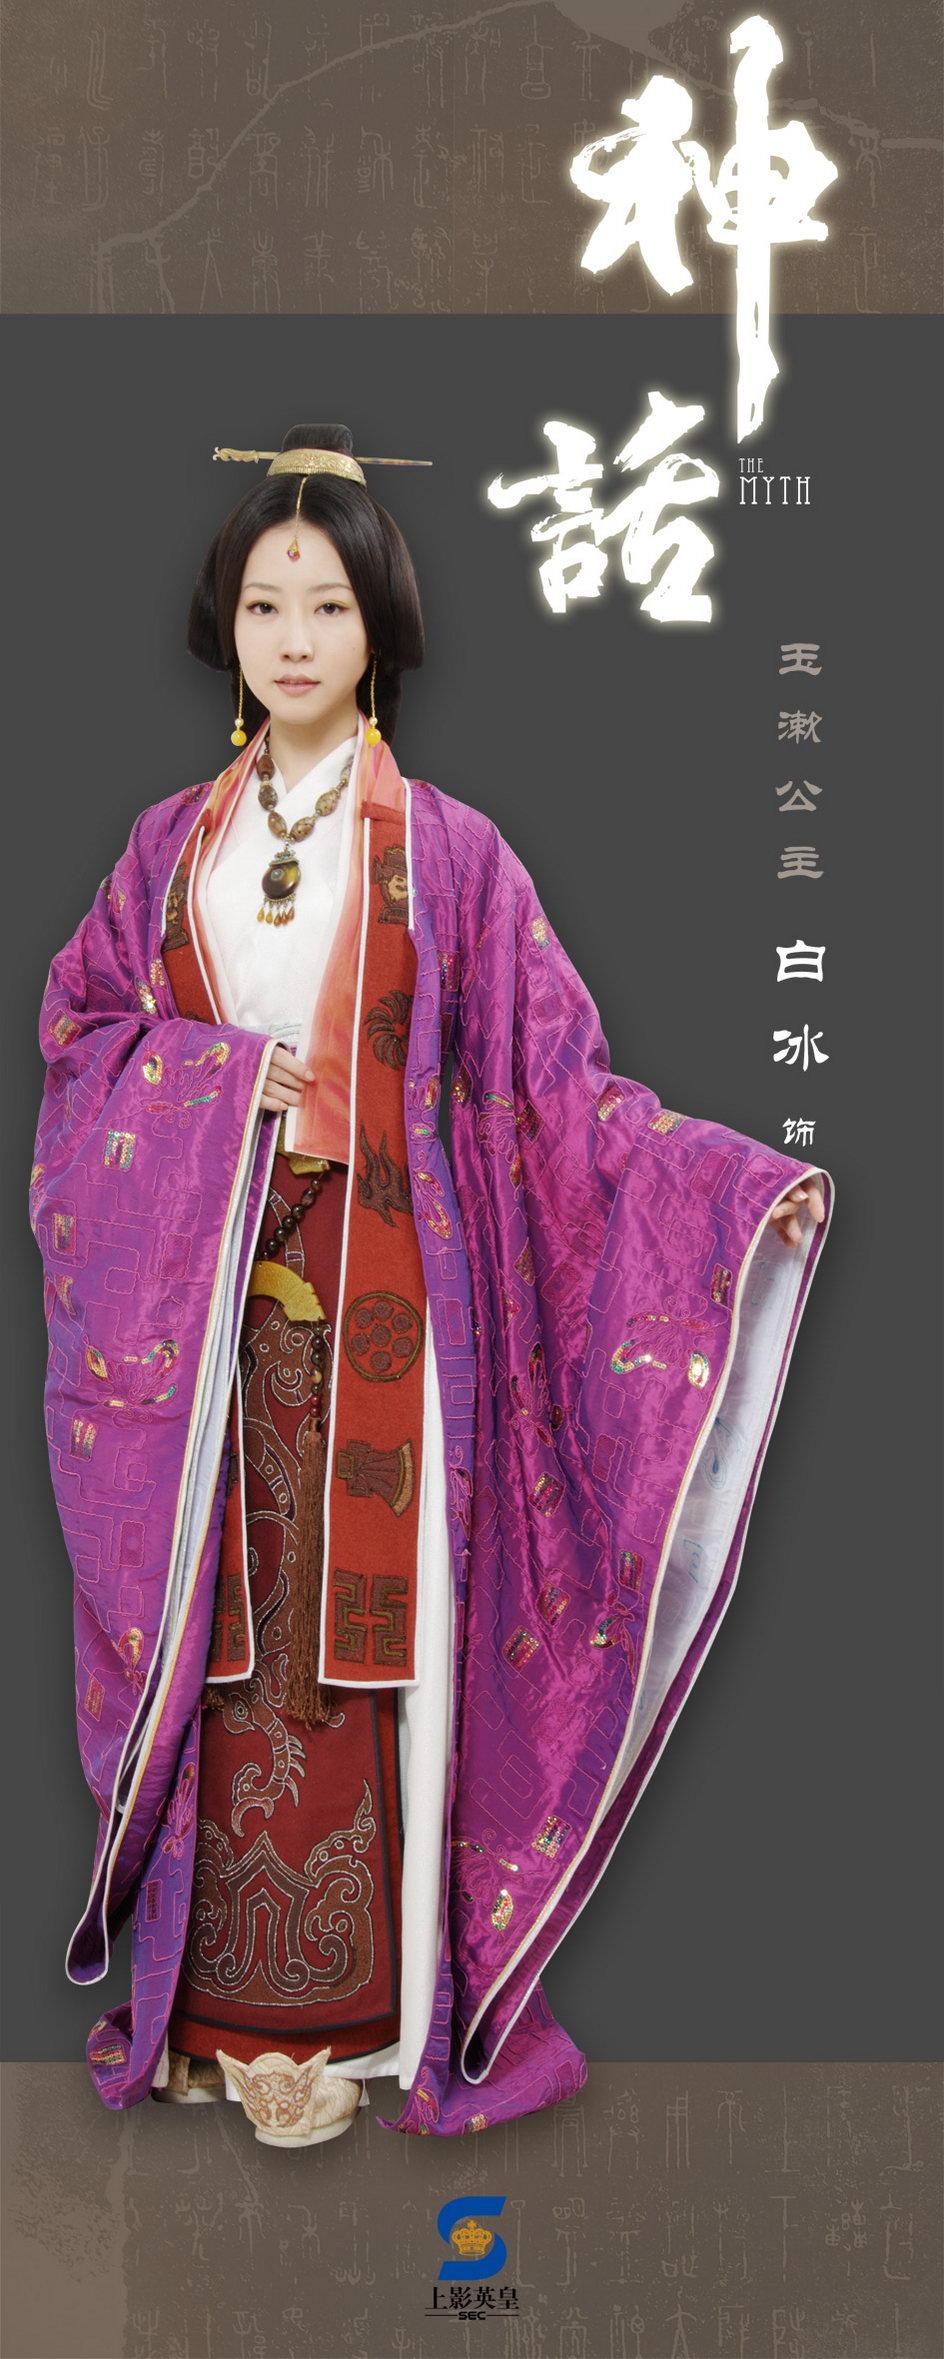 中央台热播剧(神话)女主角白冰近照 - 秋雨 - 秋雨 雨耐不住寂寞 就飘了下来